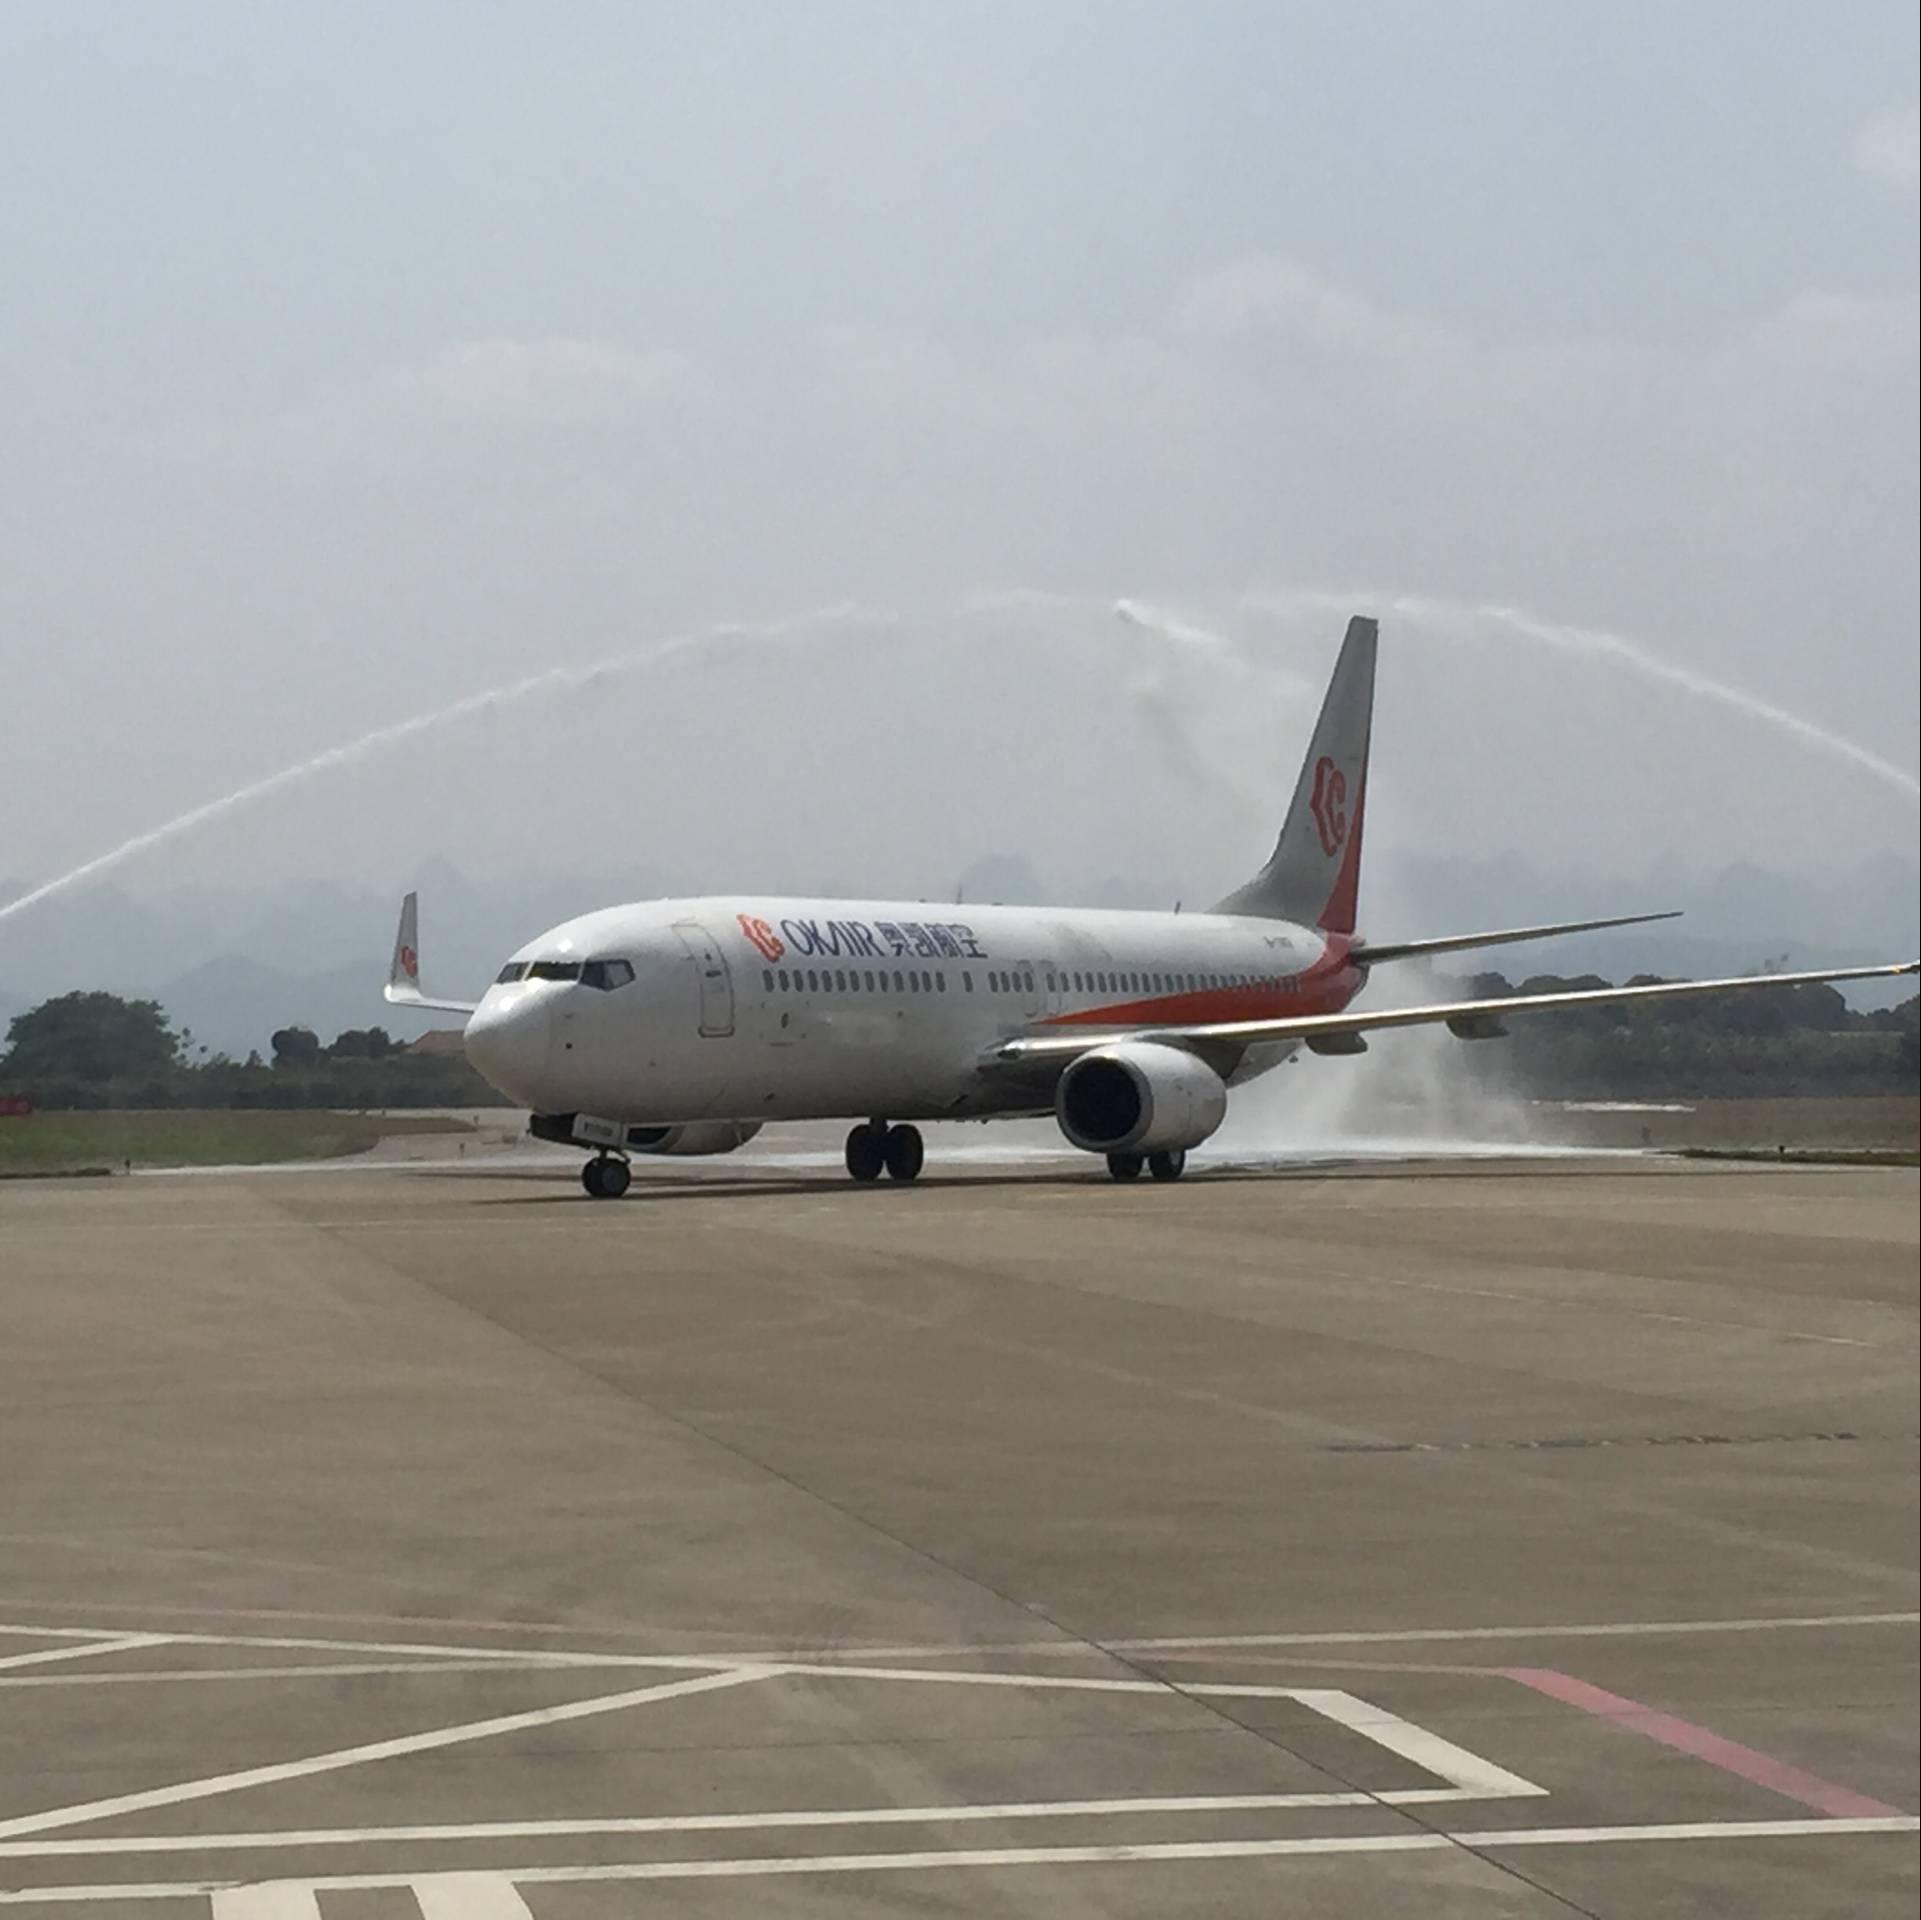 当日13:50分,奥凯航空bk2859航班平稳抵达百色机场.